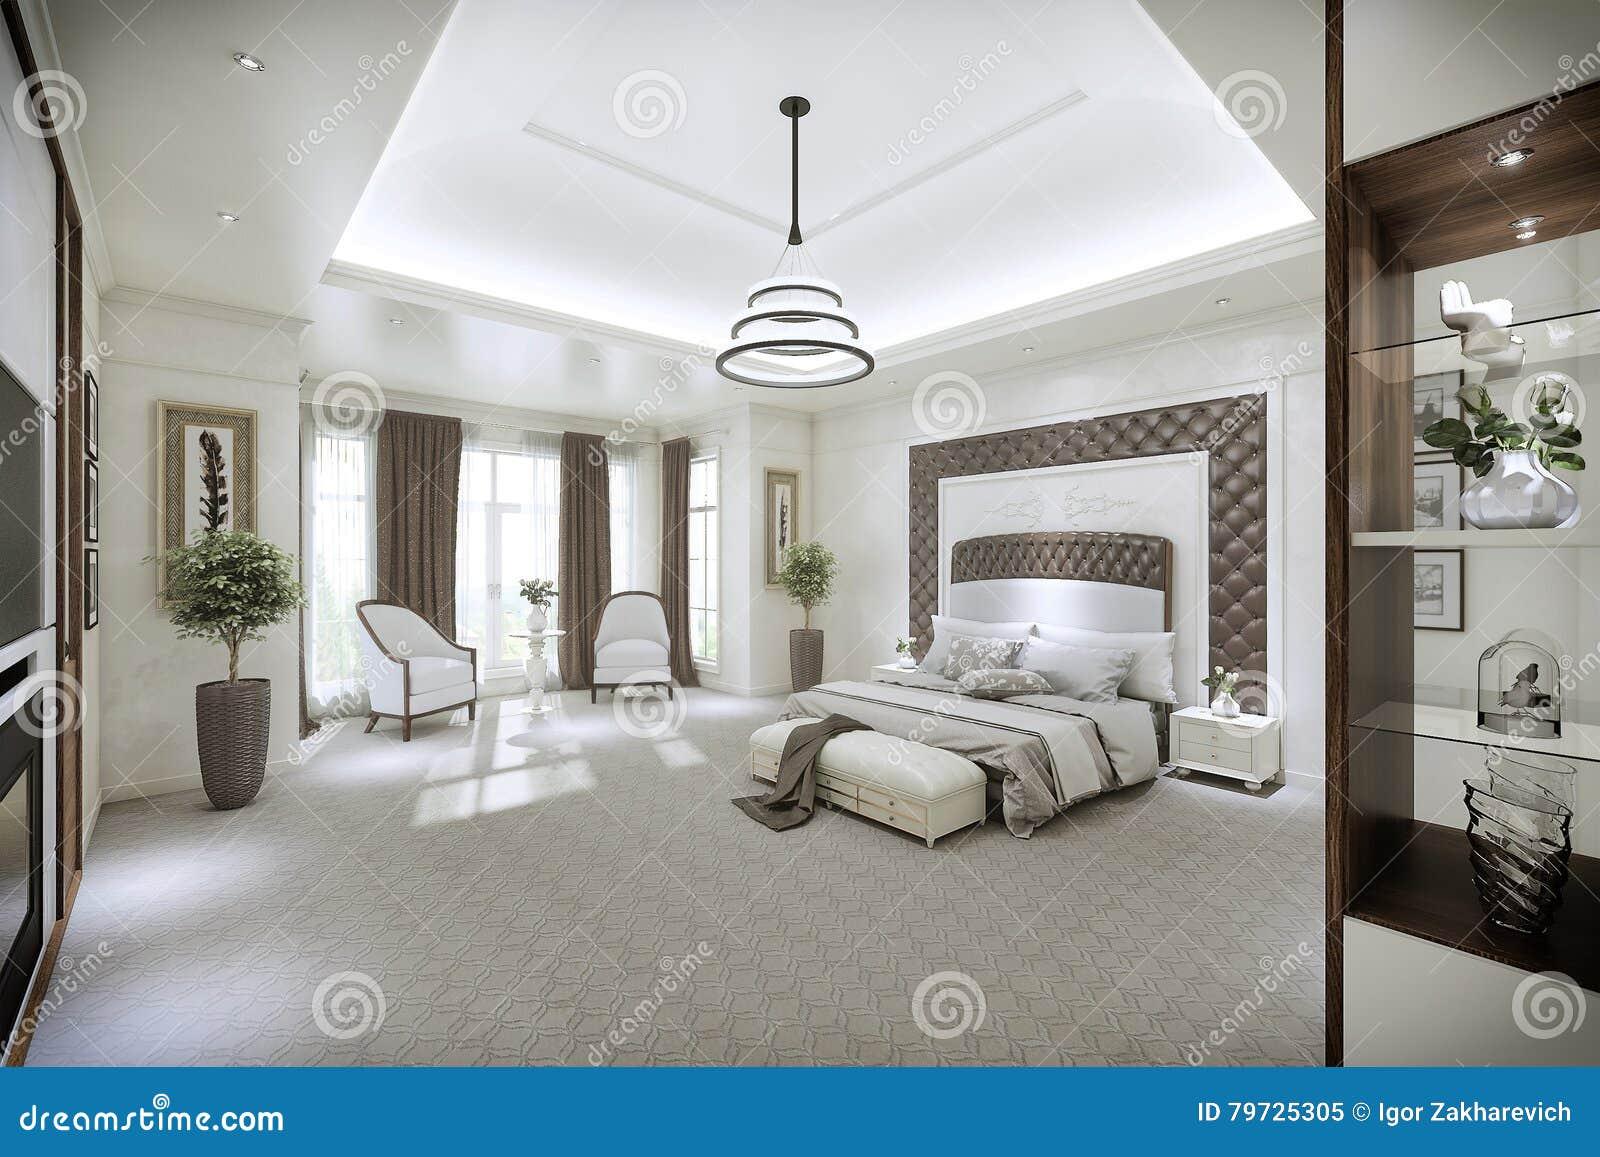 Camera da letto pavimento grigio camera da letto sul t - Pavimento interno moderno ...